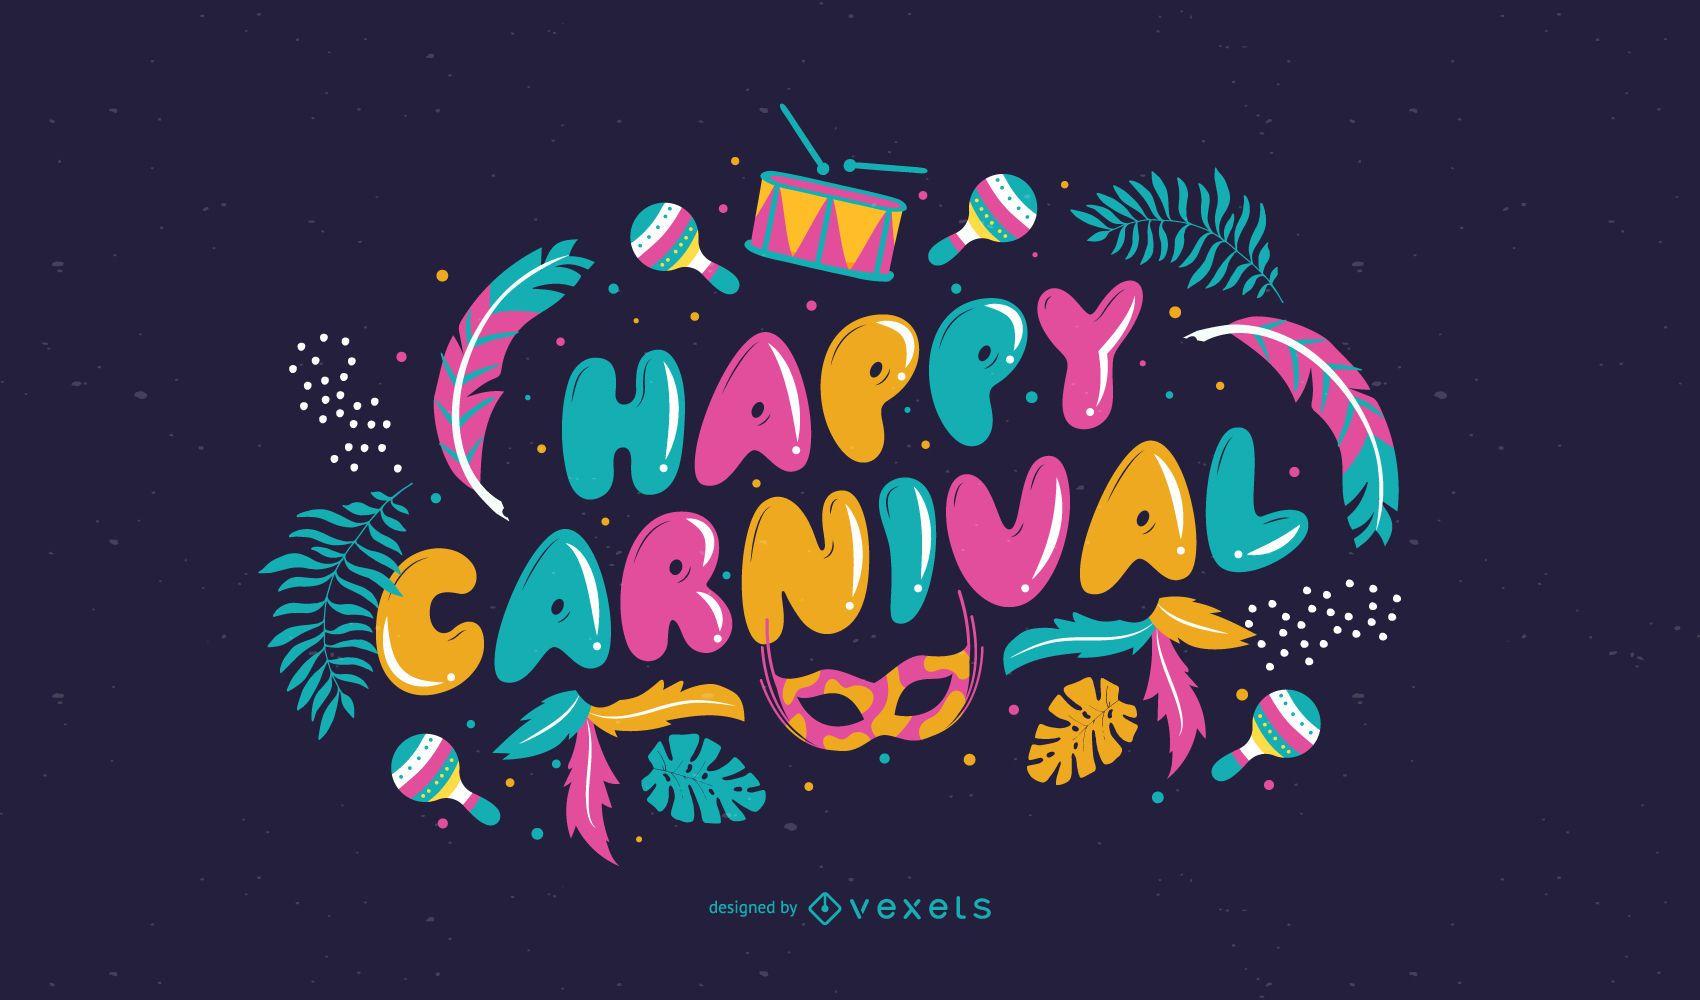 Happy Carnival Colorful Quote Design